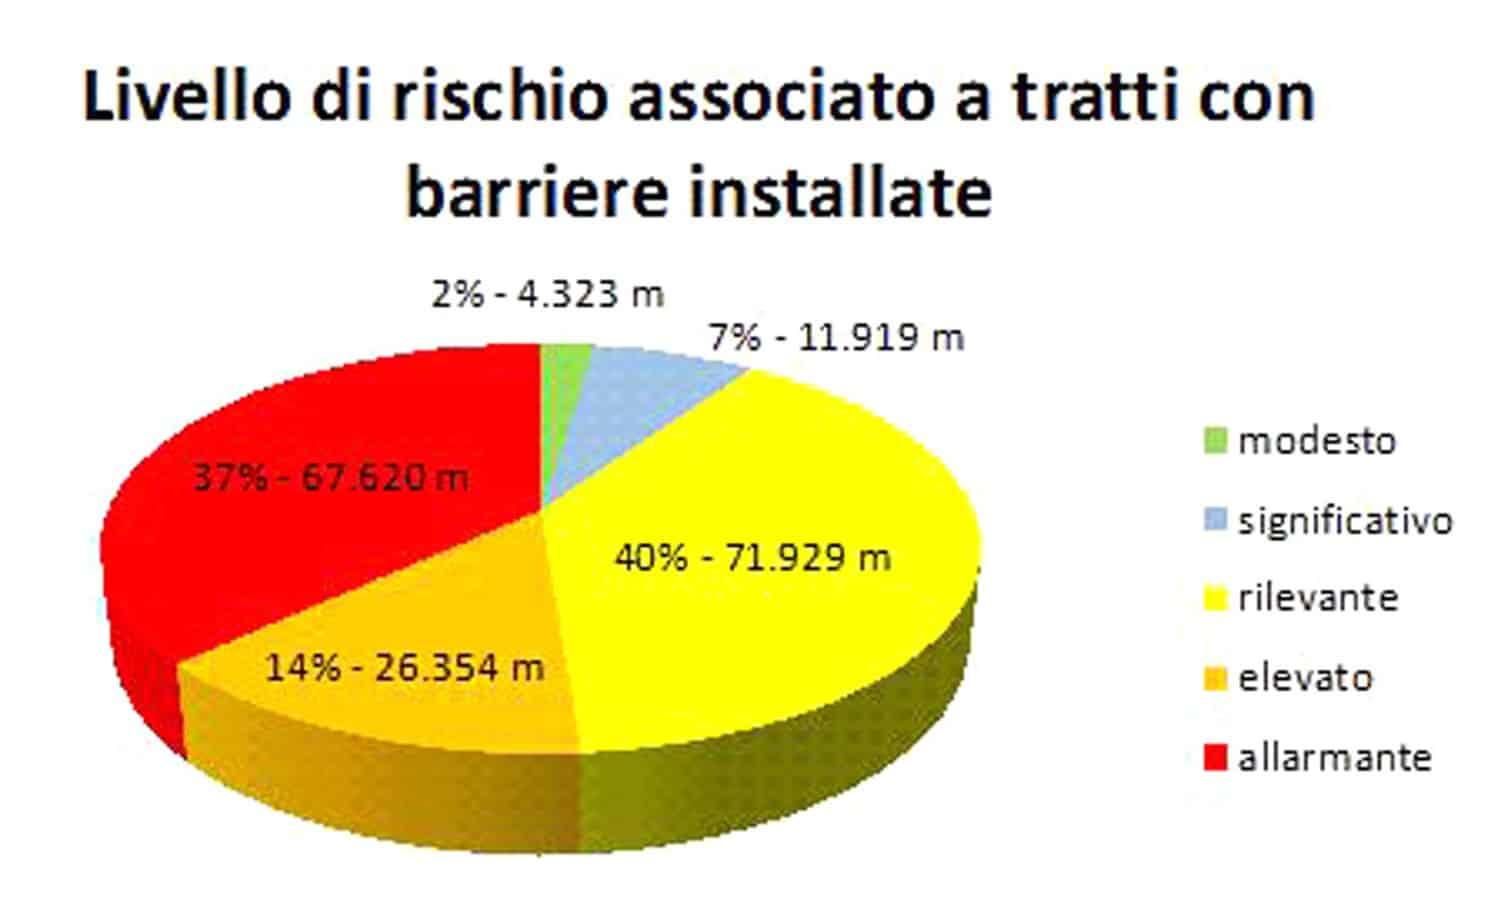 La situazione complessiva della rete in gestione in relazione ai livelli di rischio associato a tratti con barriere installate